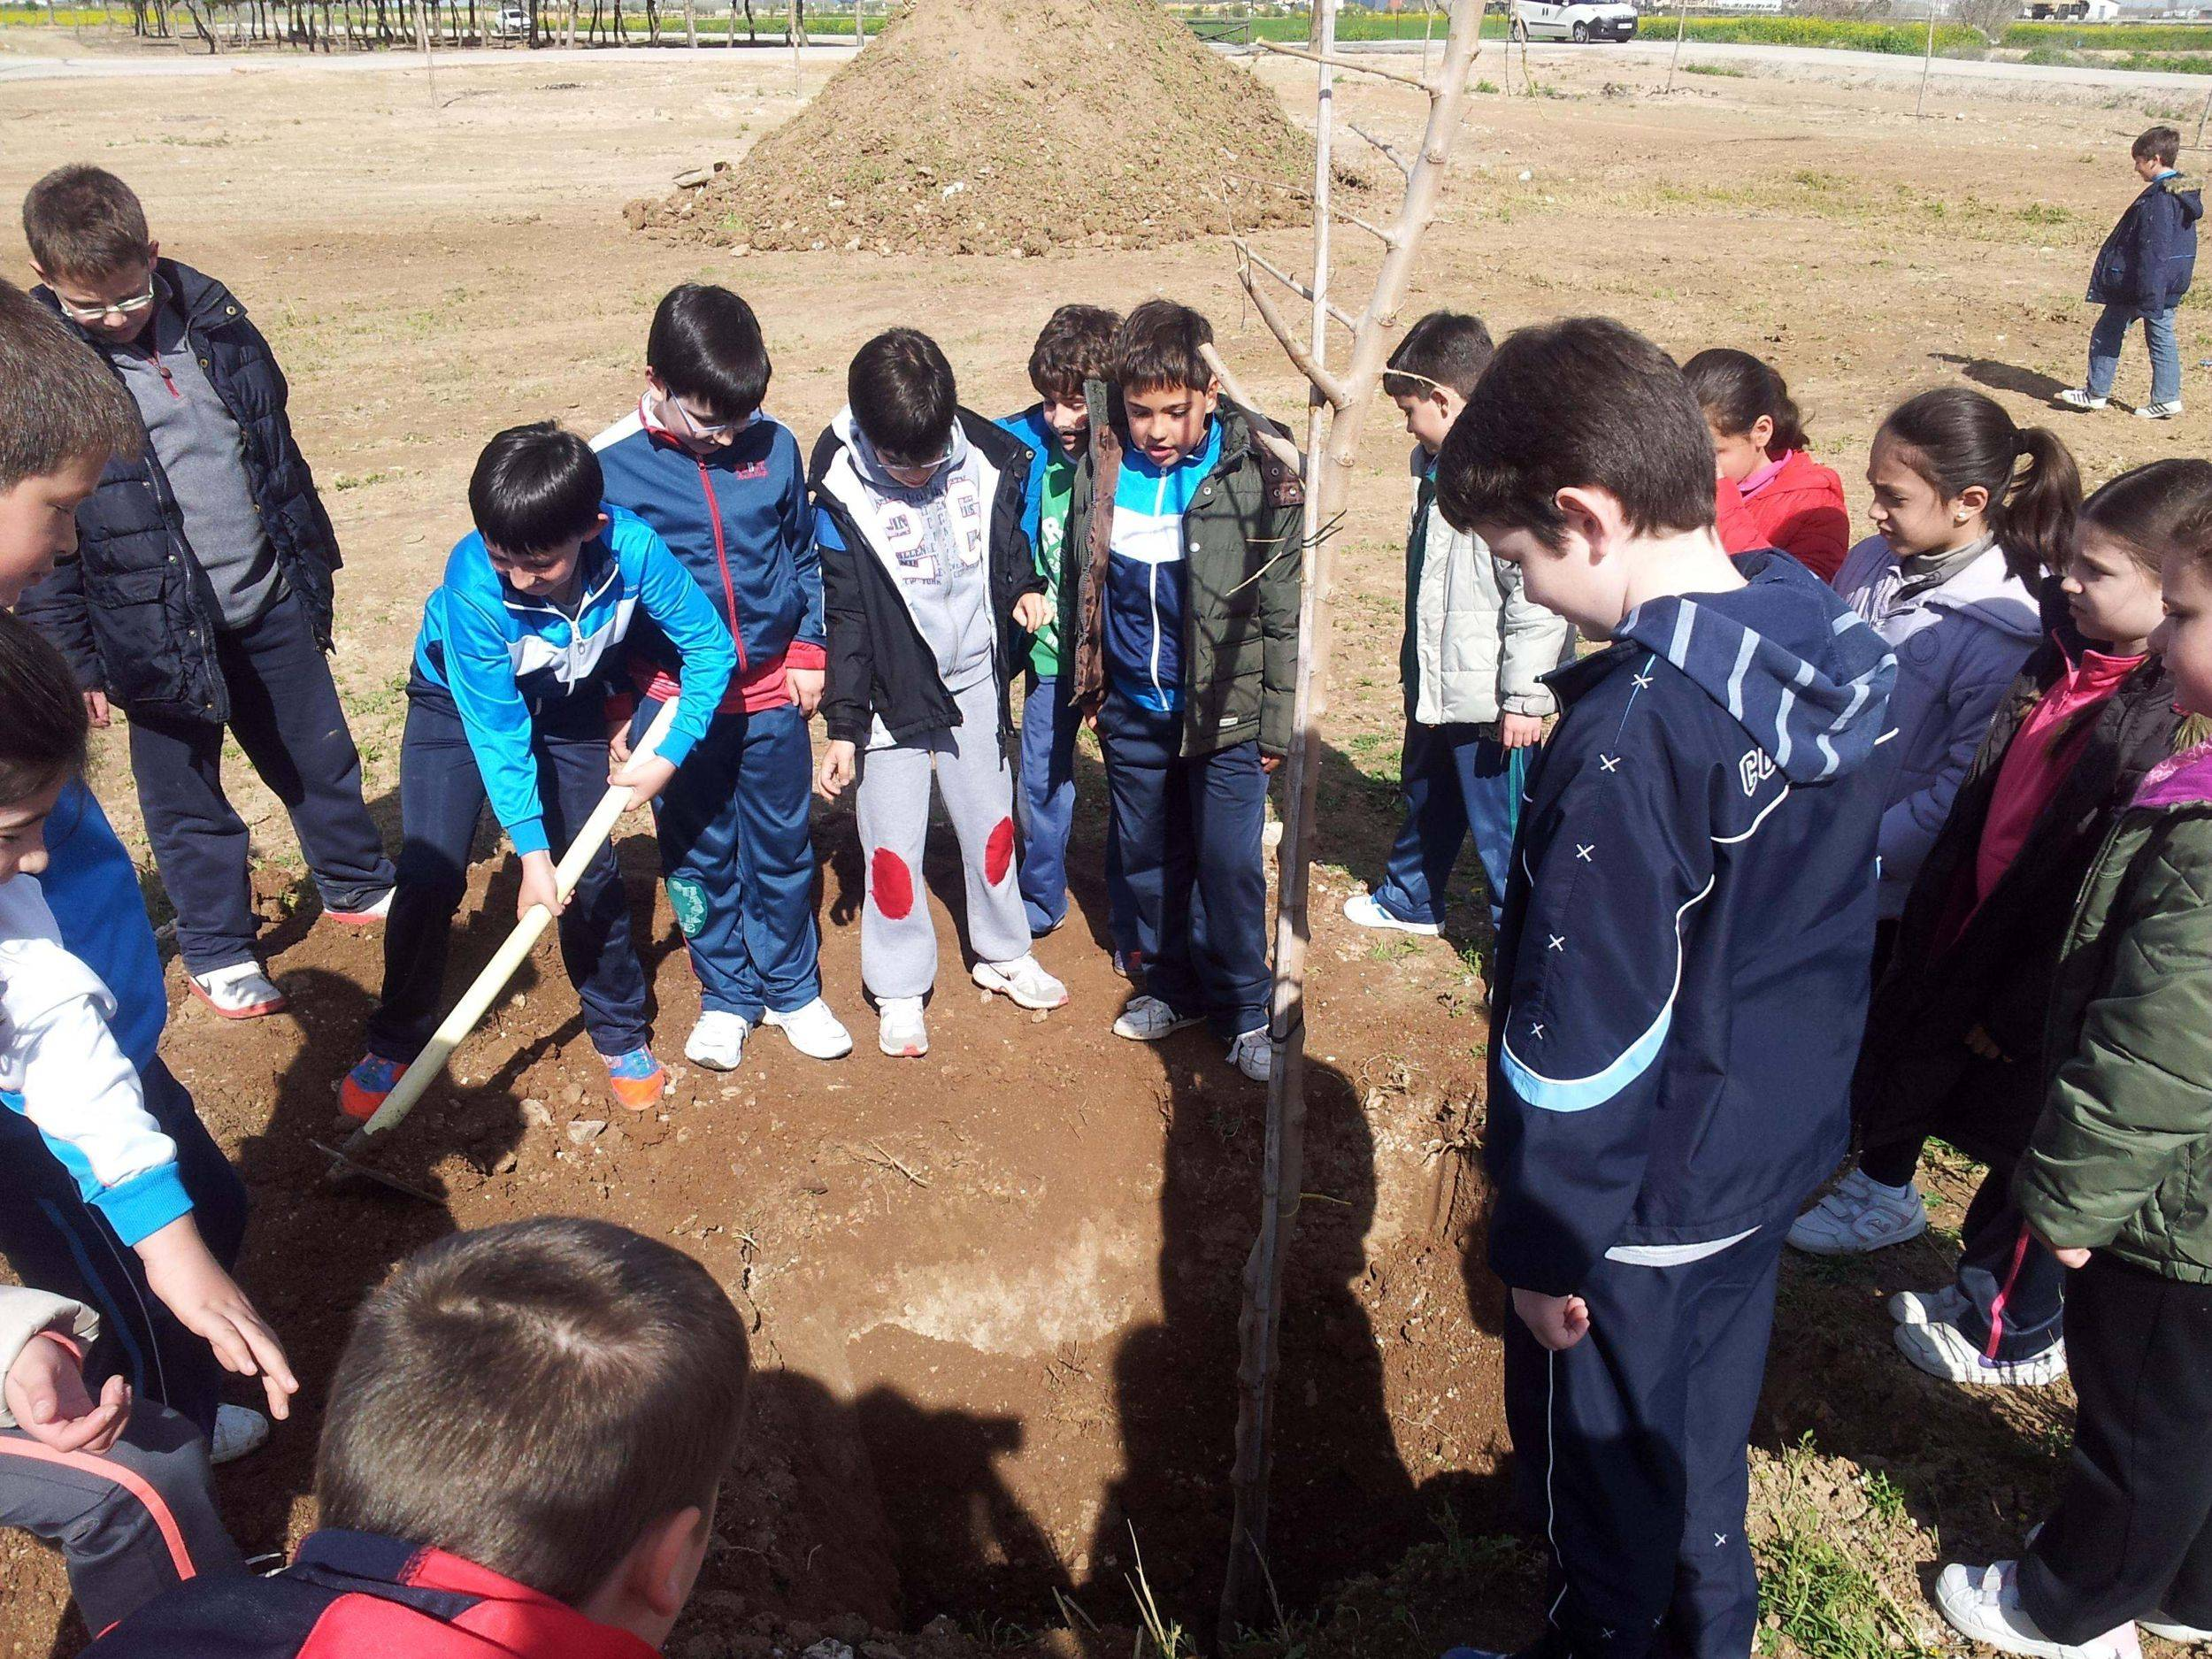 herencia dia arbol PRINCIpal - Escolares de Herencia festejan el día forestal mundial plantando moreras